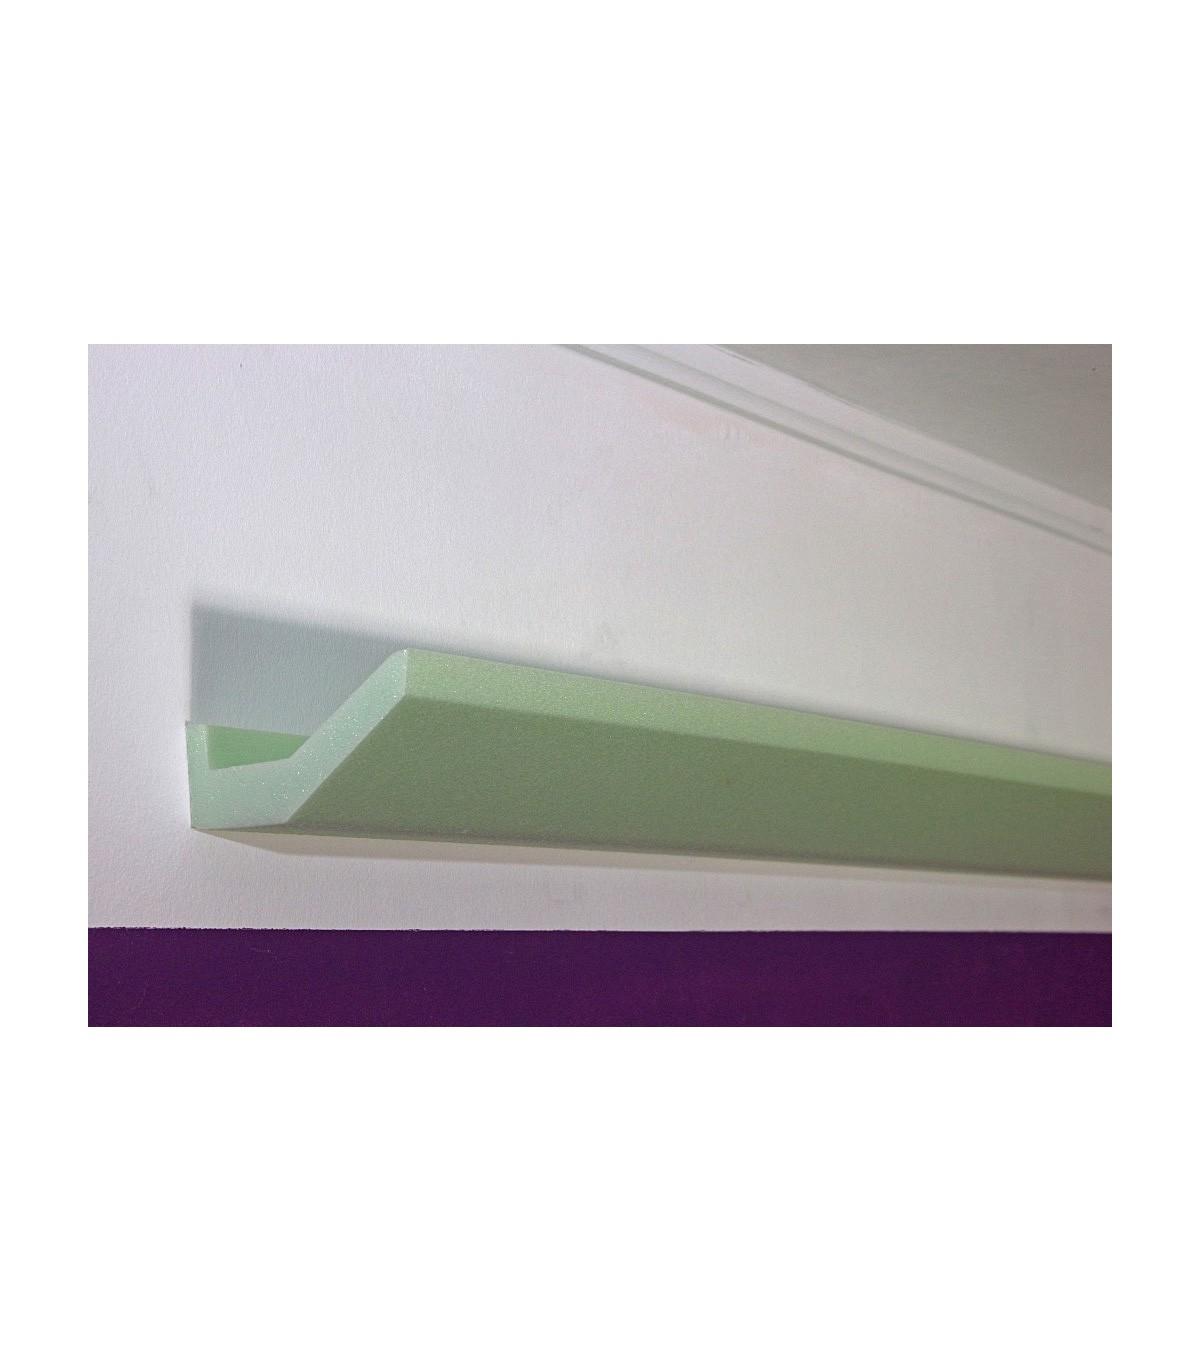 stuckleiste dbml 70 st f r indirekte led beleuchtung decke bendu. Black Bedroom Furniture Sets. Home Design Ideas